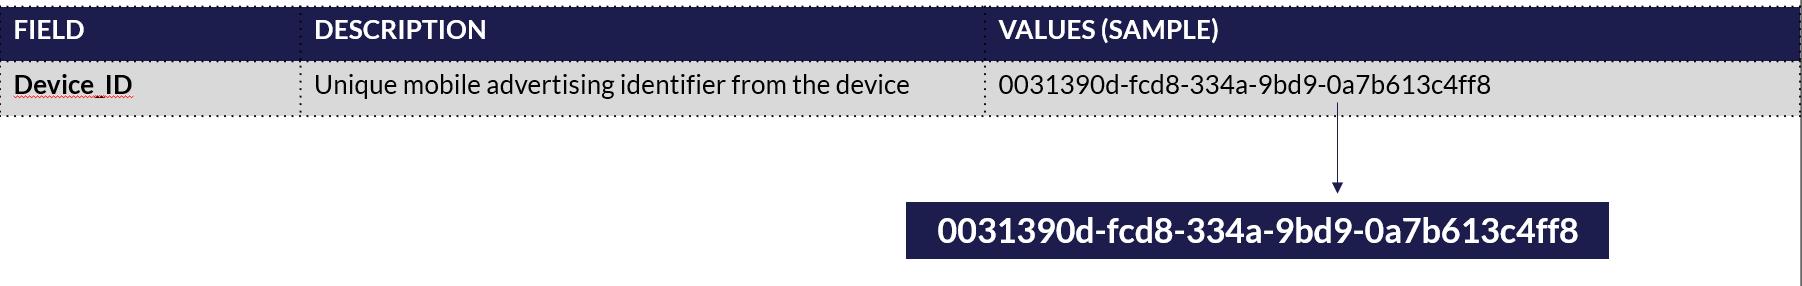 Device ID-1